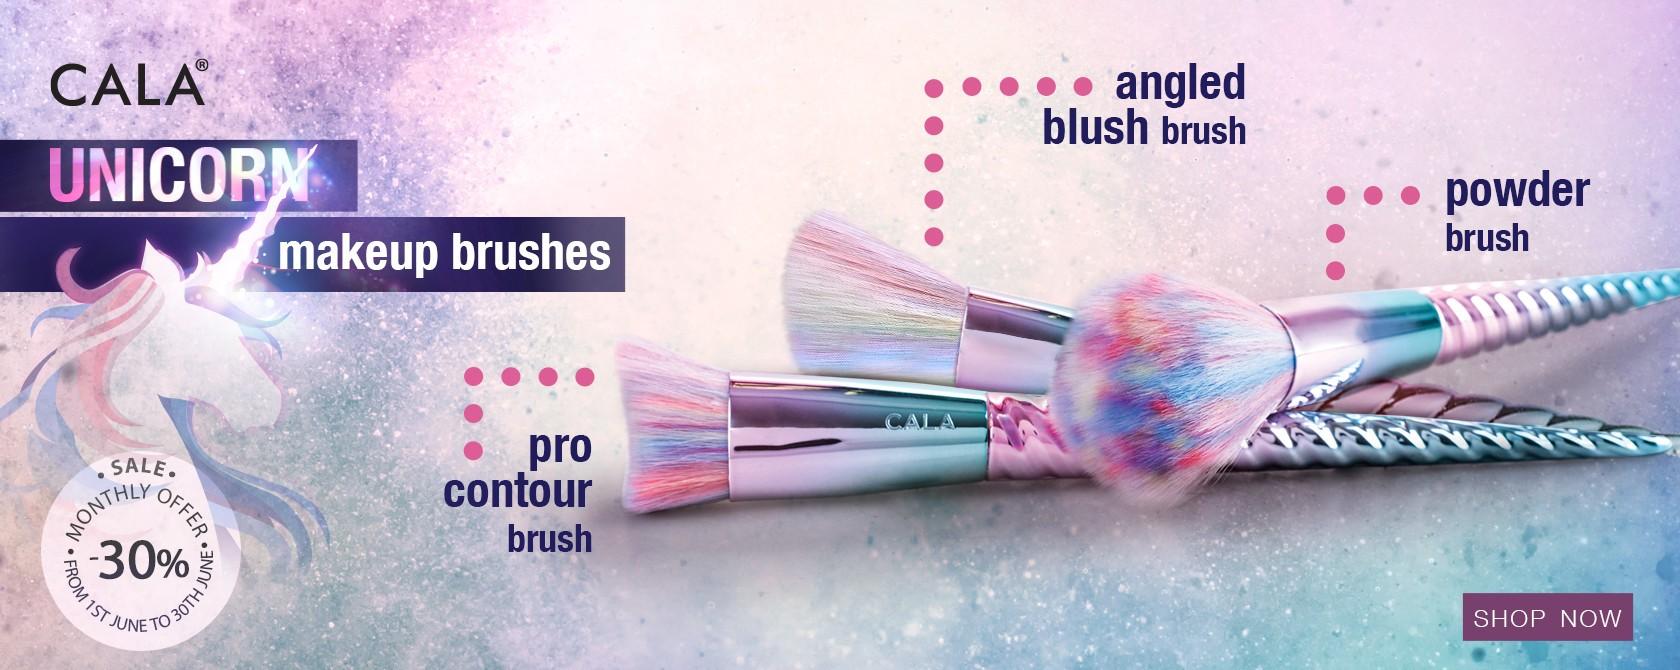 Cala Unicorns makeup brushes